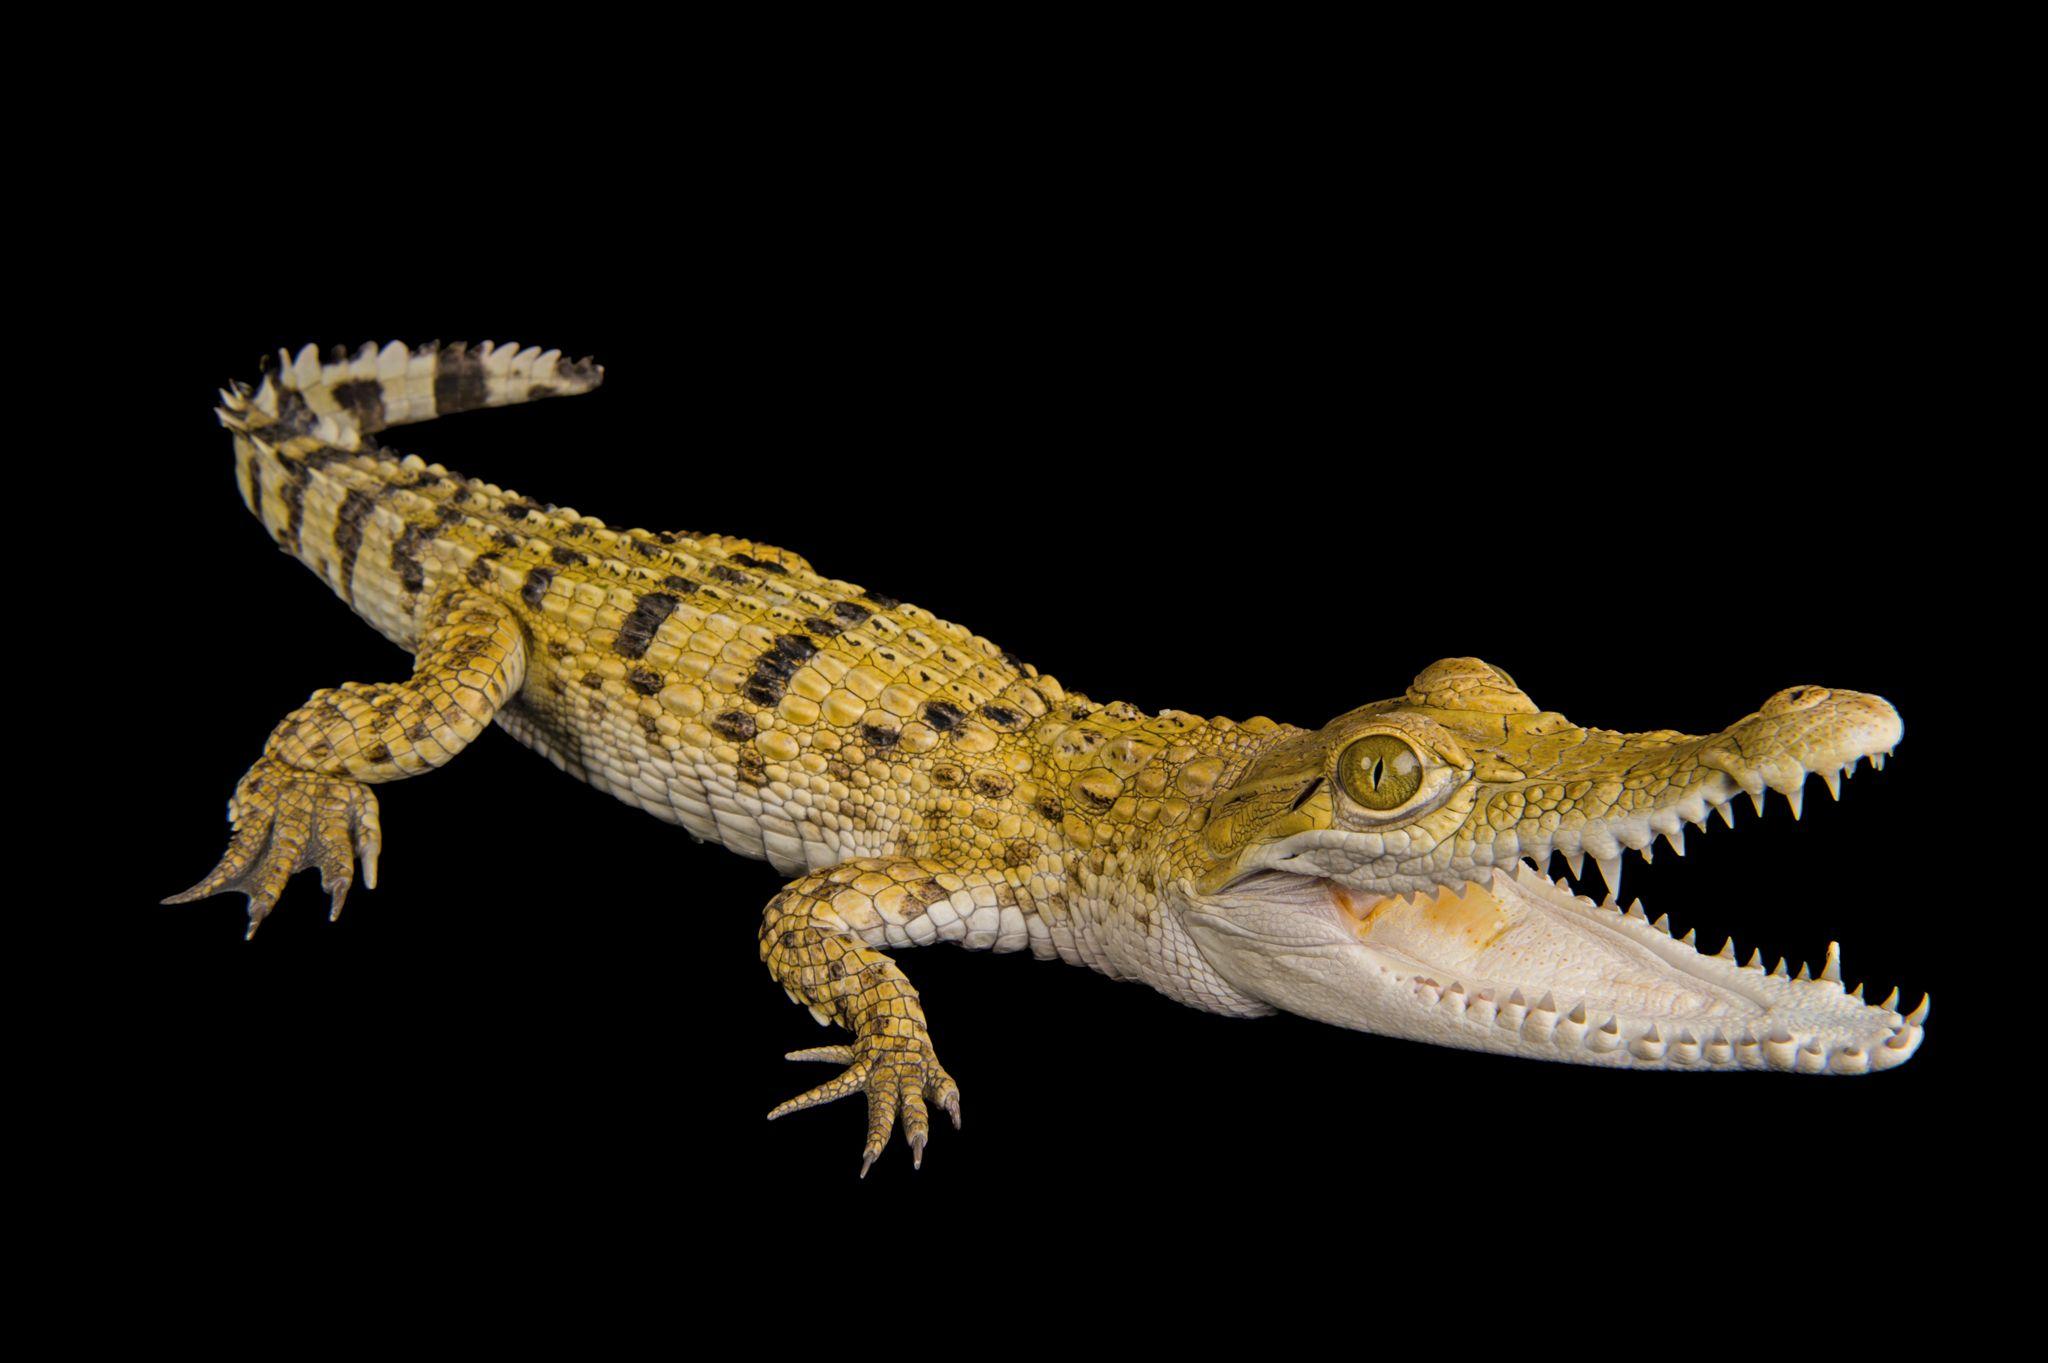 Philippine crocodile (National Geographic Photo Ark